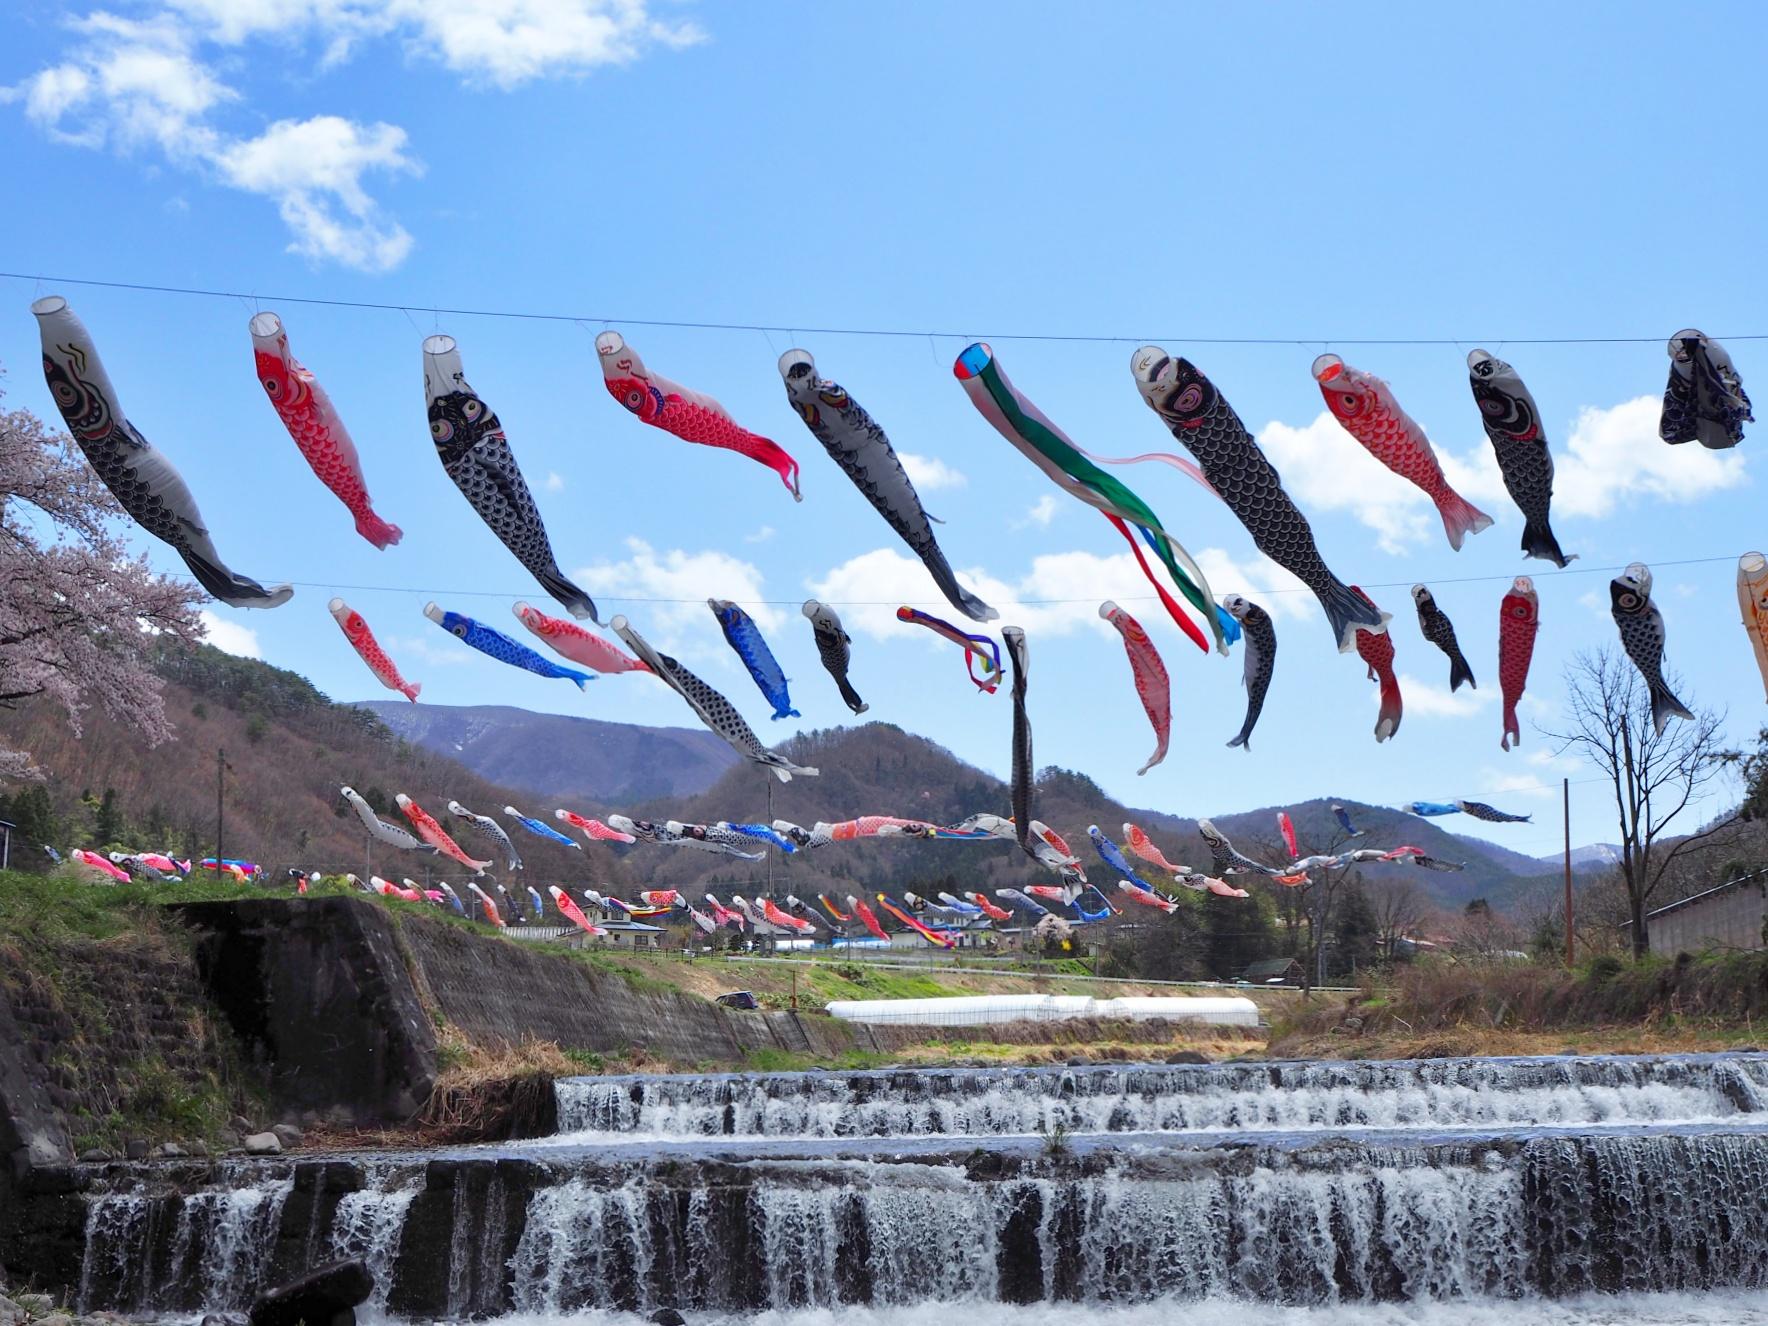 【まとめ】2021年 山形県の週末イベント情報 4月24日(土)・4月25日(日)